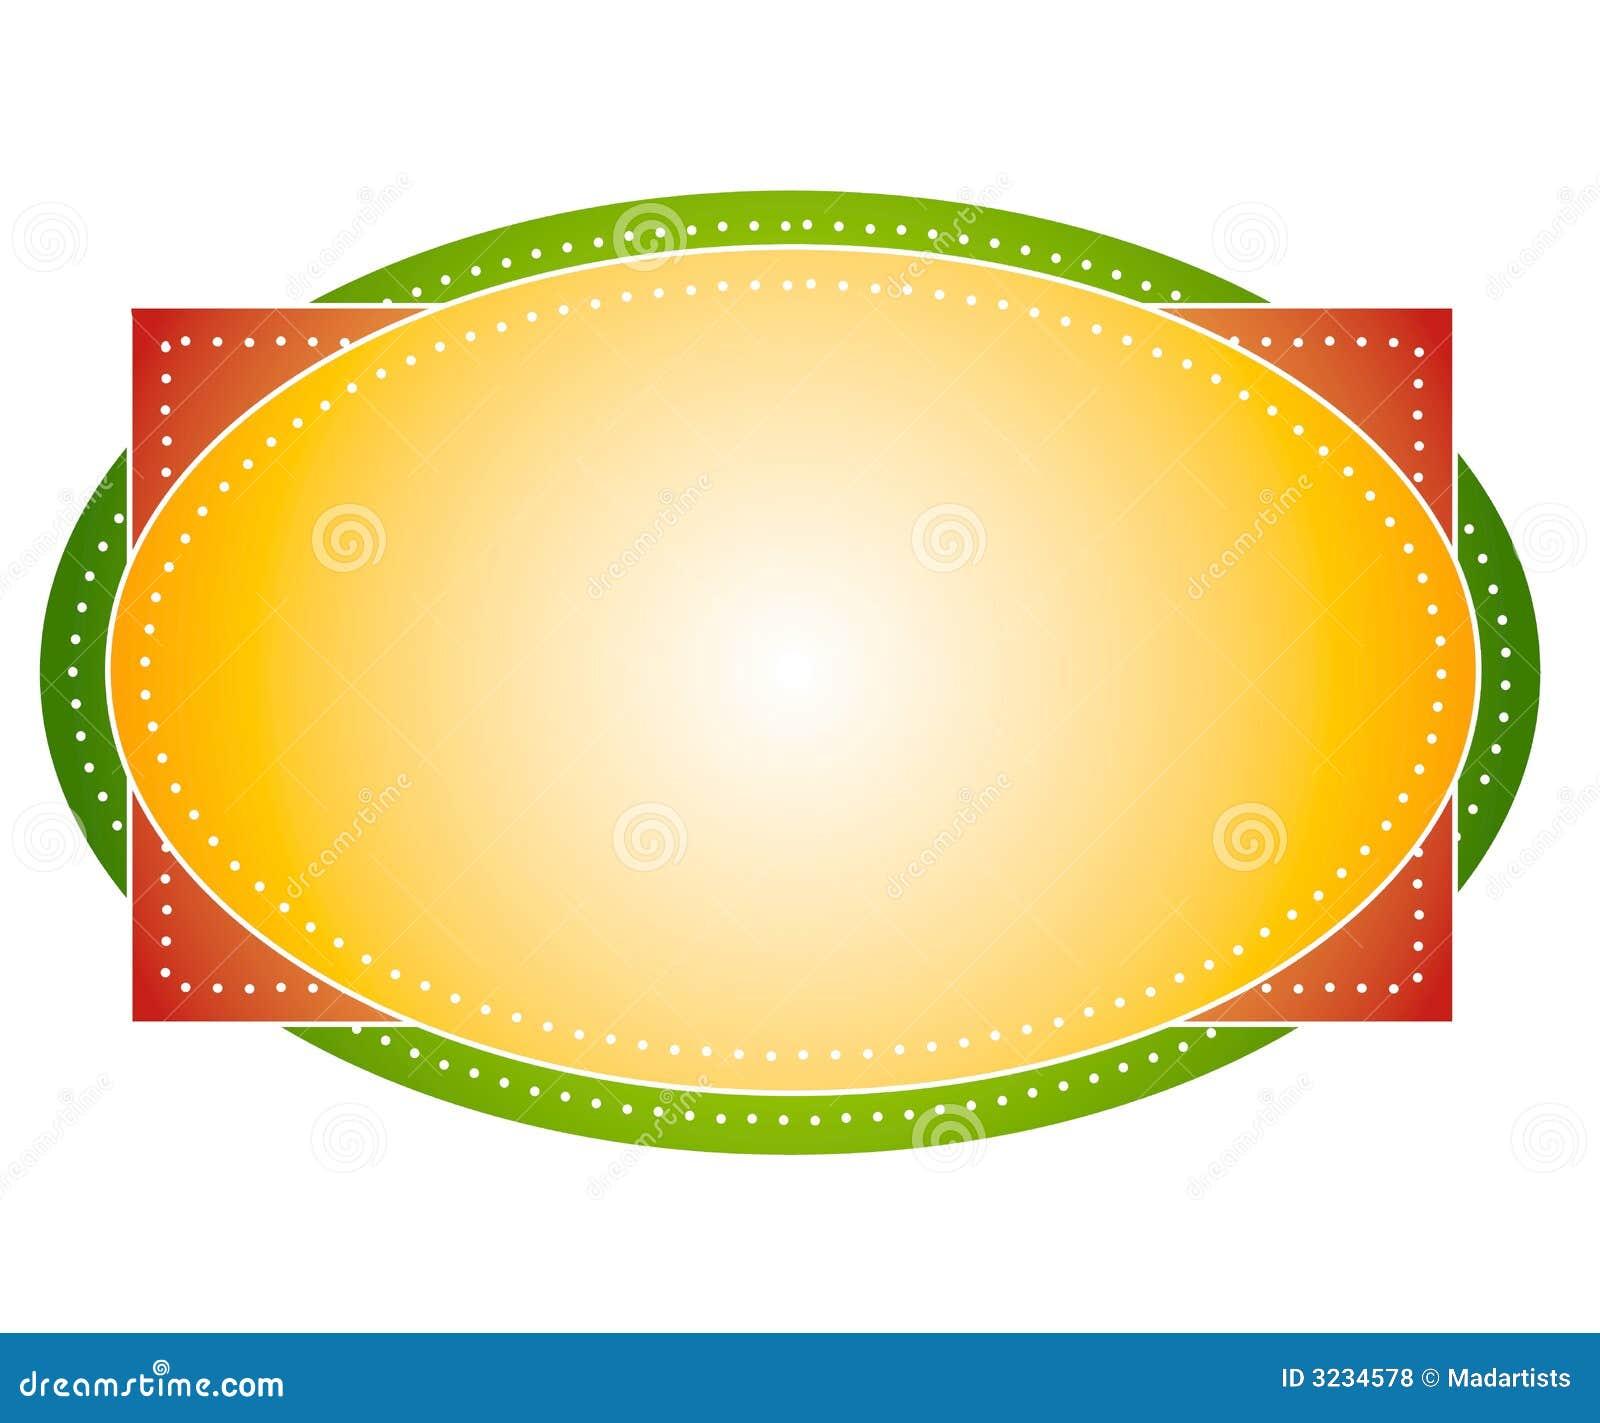 Artsy colora il contrassegno ovale di marchio